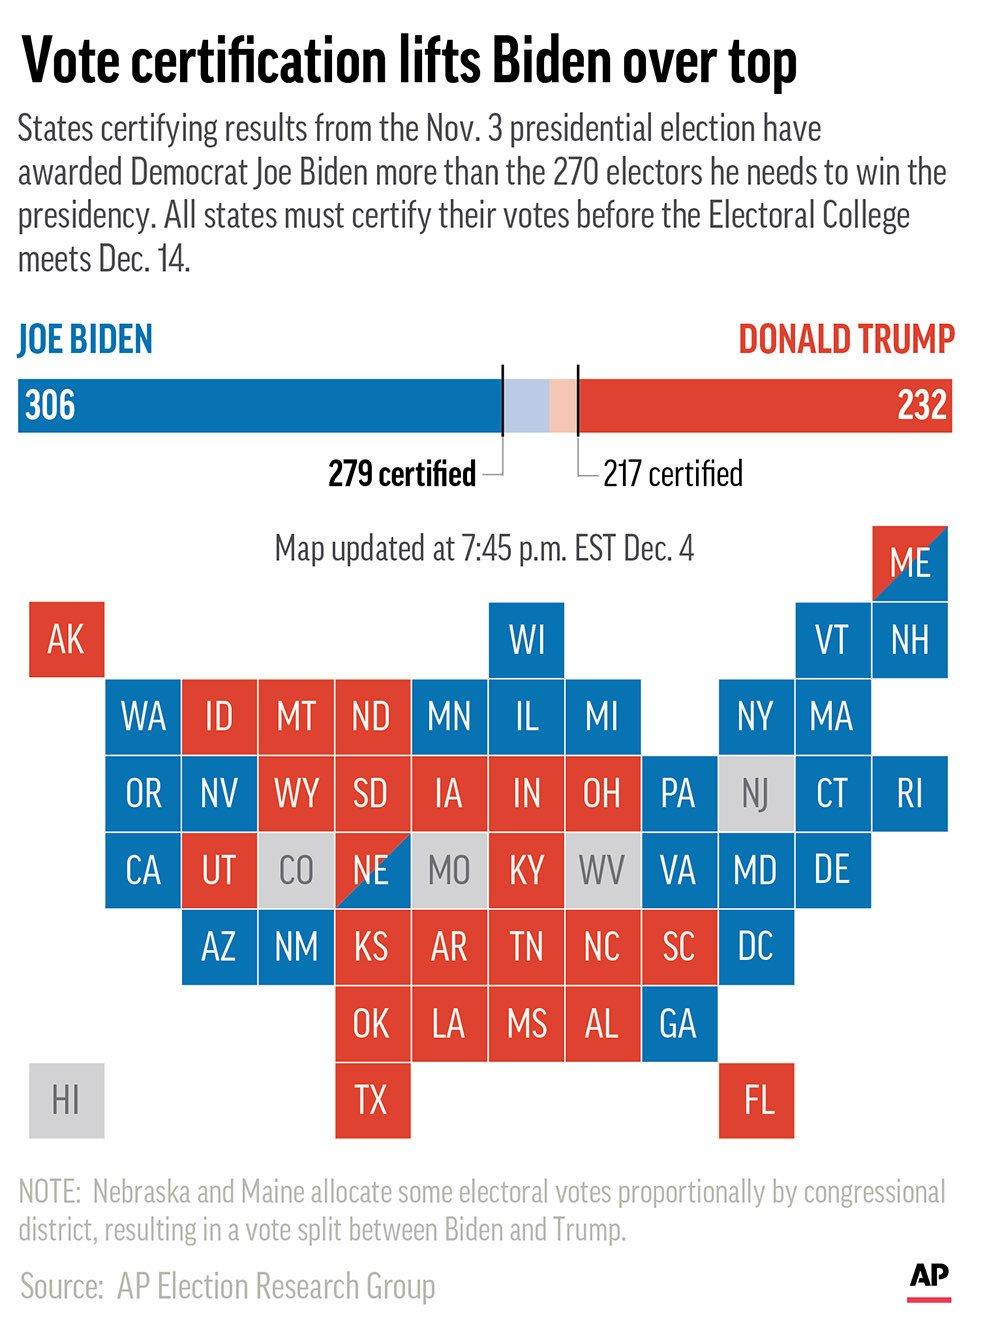 Thống kê của hãng tin AP cho thấy ông Biden chính thức nhận đủ số cam kết đại cử tri cần thiết để trở thành tân Tổng thống.